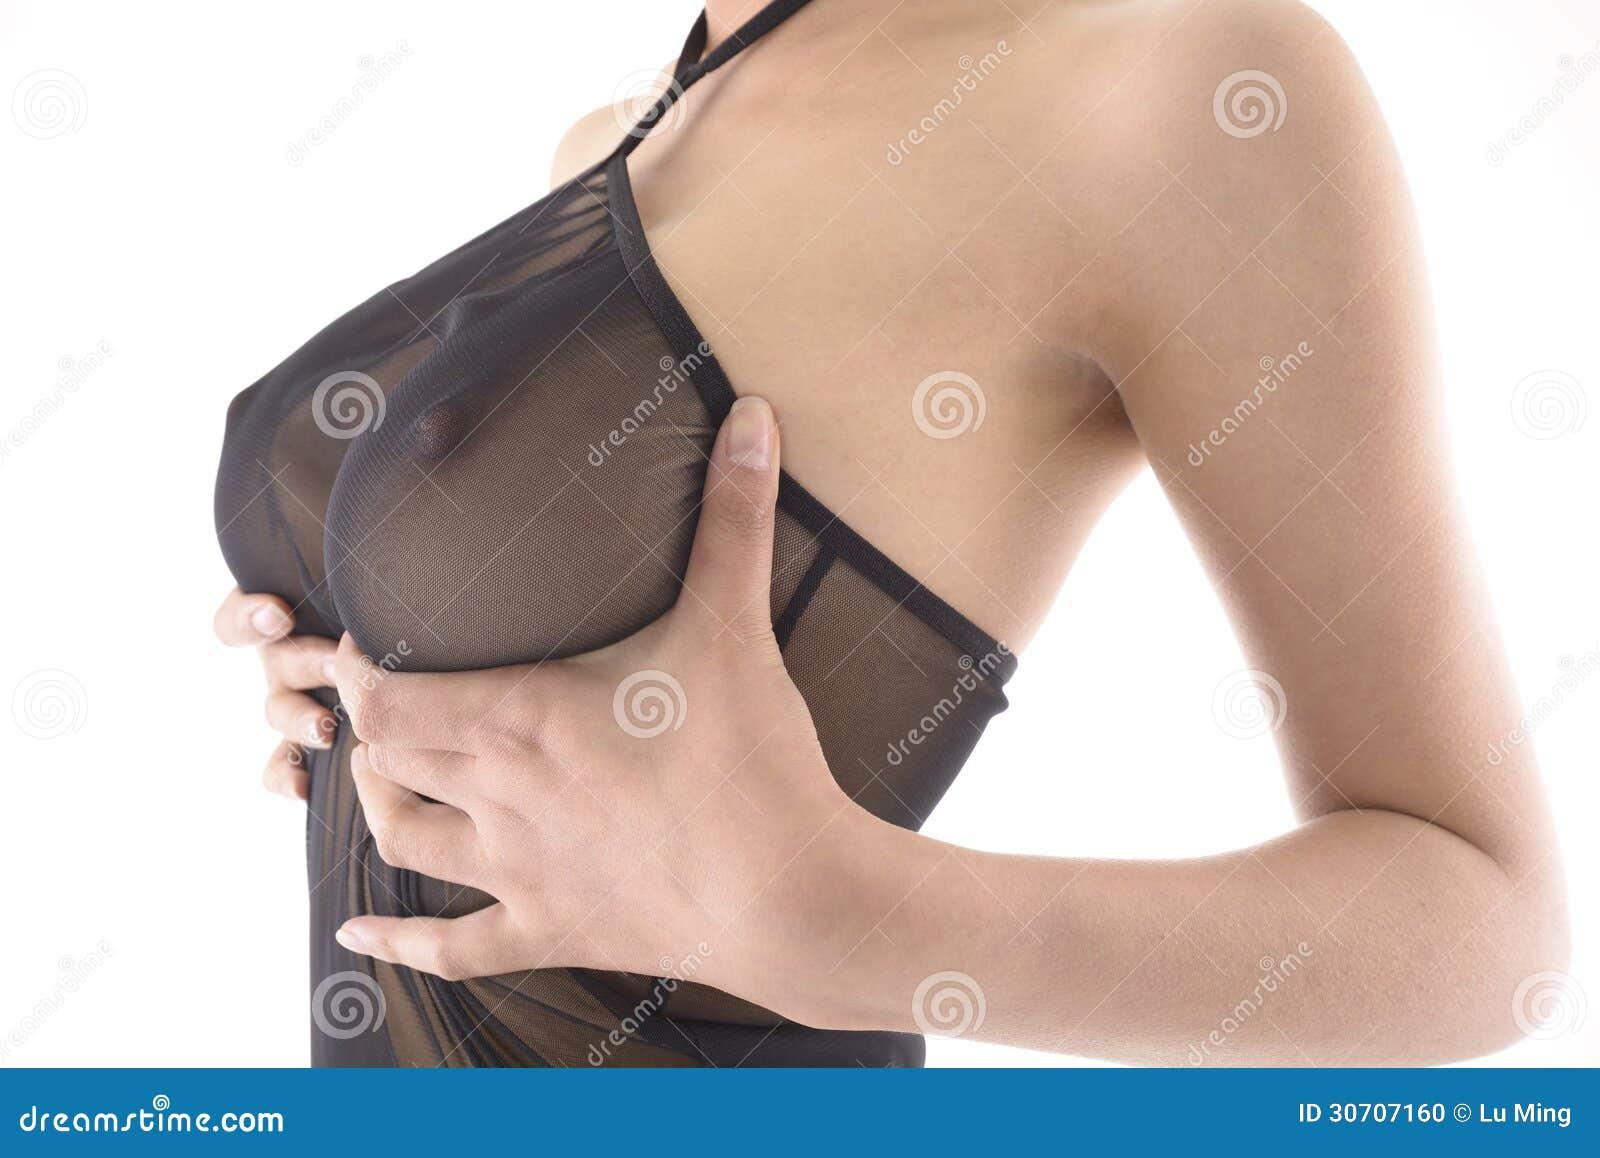 Стоячий женский грудь 12 фотография